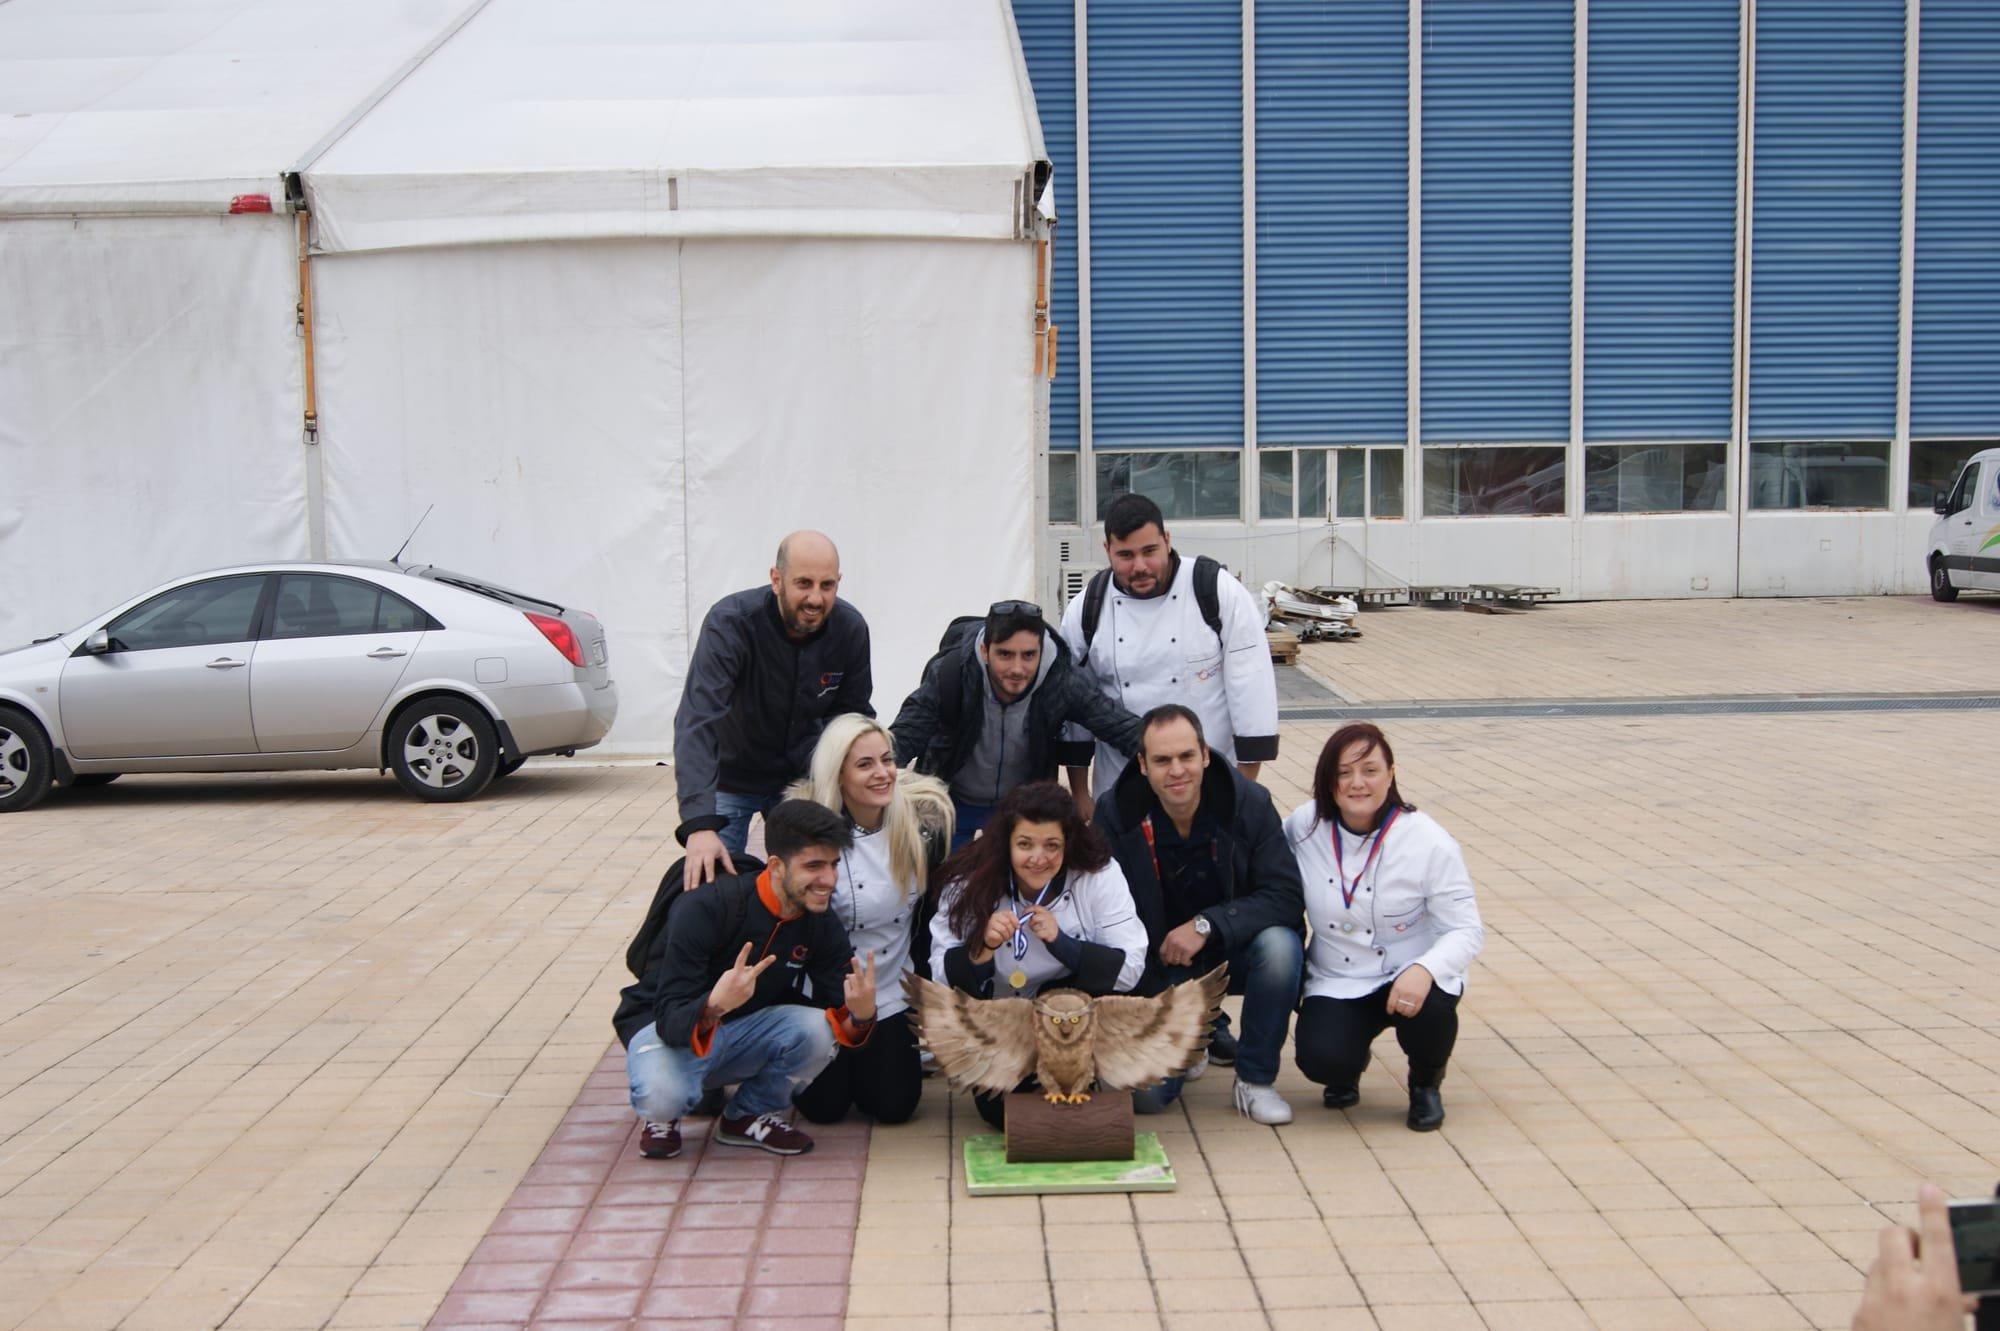 Χρυσό Πανελλαδικό Βραβείο στο Πανελλήνιο Διαγωνισμό Expotrof 2017 με έκθεμα από ζαχαρόπαστα